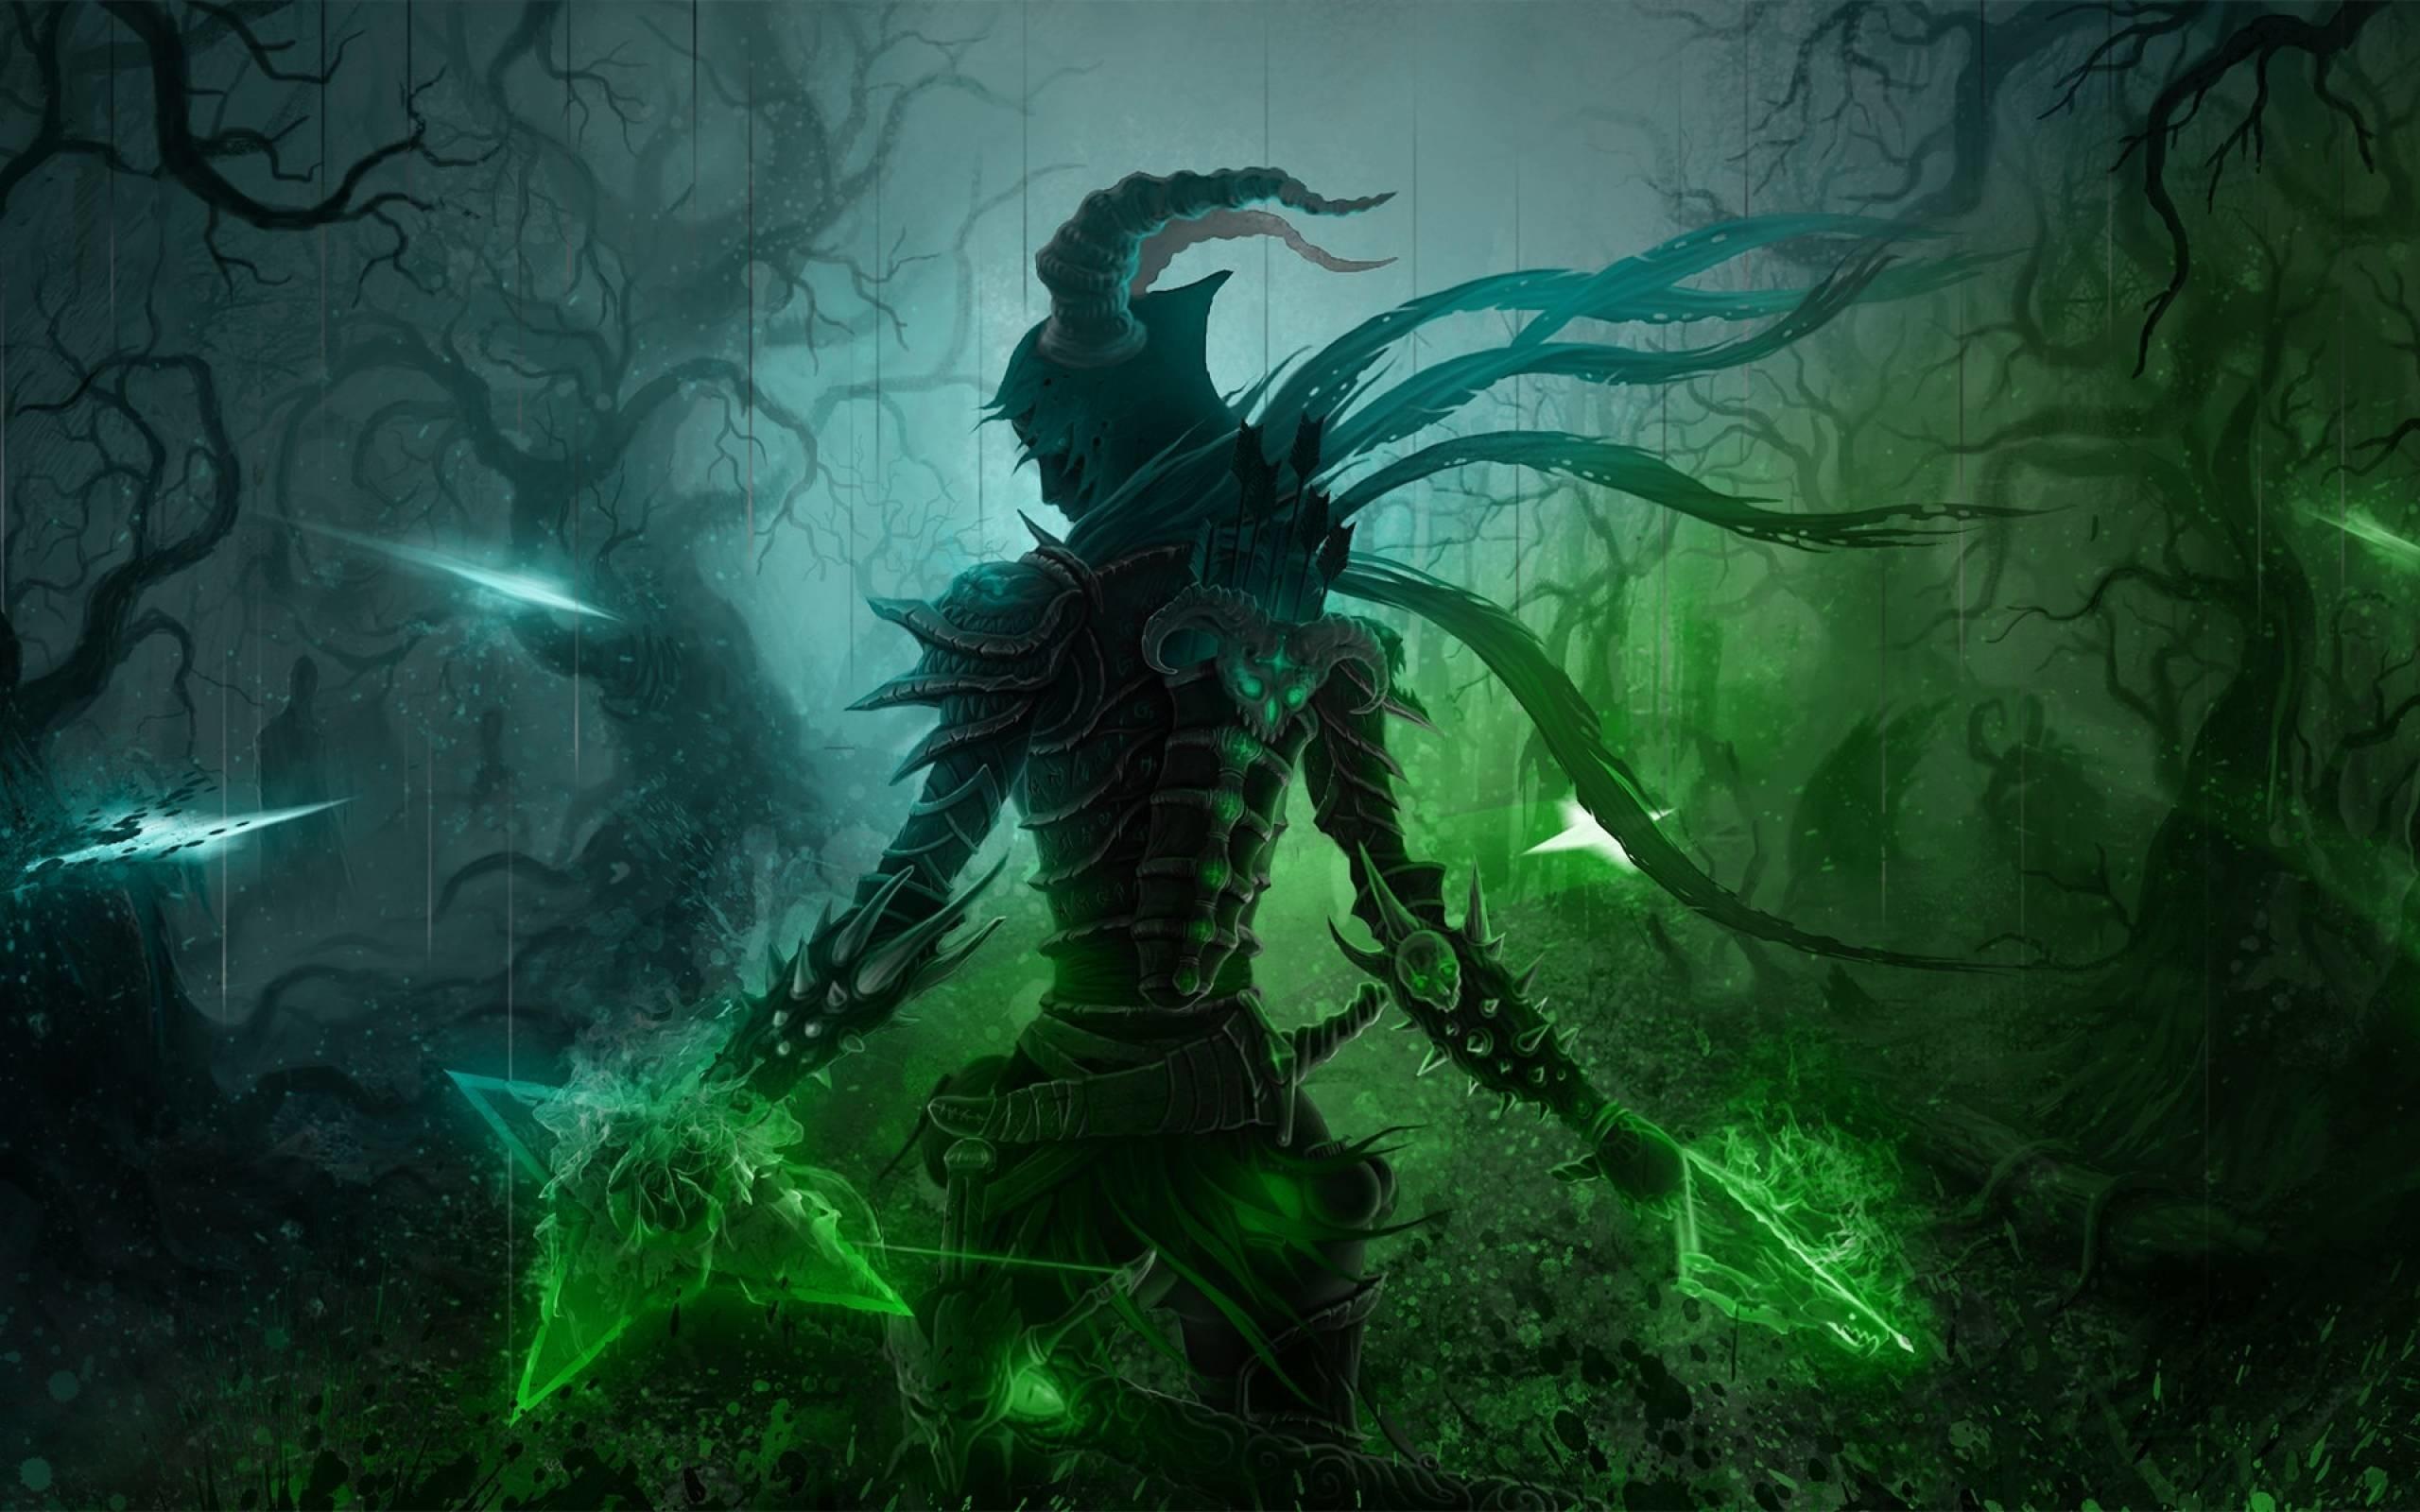 Evil Fantasy Wallpaper 75 Images